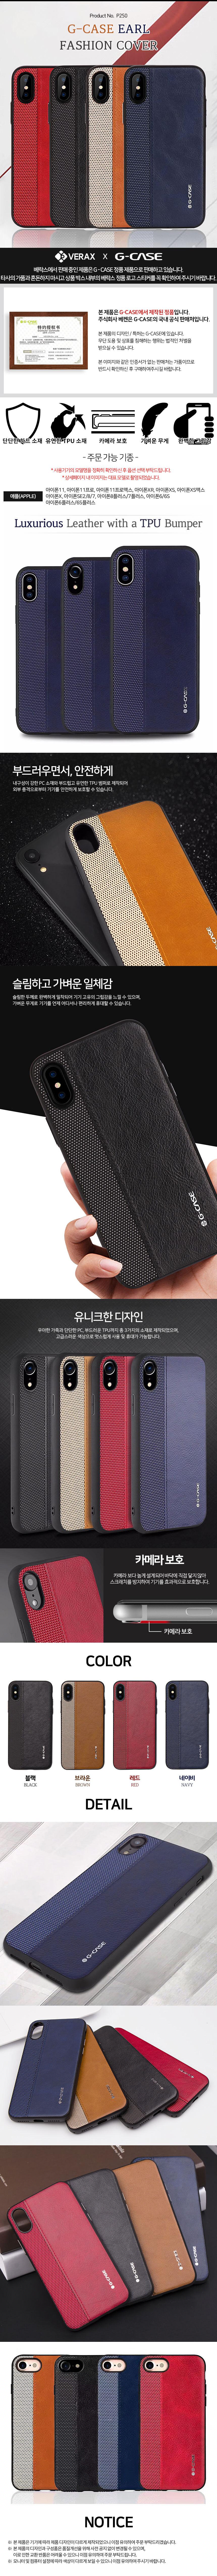 아이폰6플러스 유니크 라인 패션 하드 케이스 P250 - 베락스, 23,500원, 케이스, 아이폰6/6 플러스